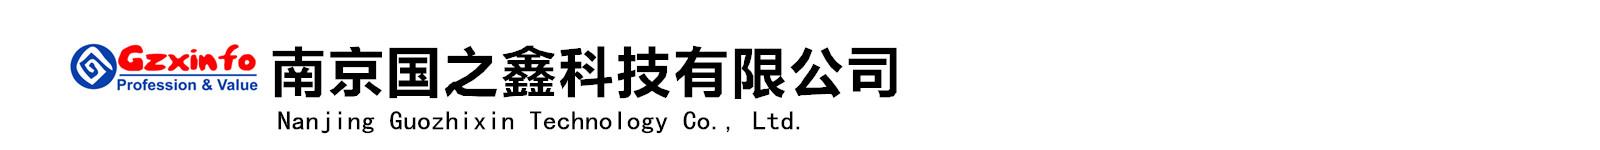 南京国之鑫科技有限公司